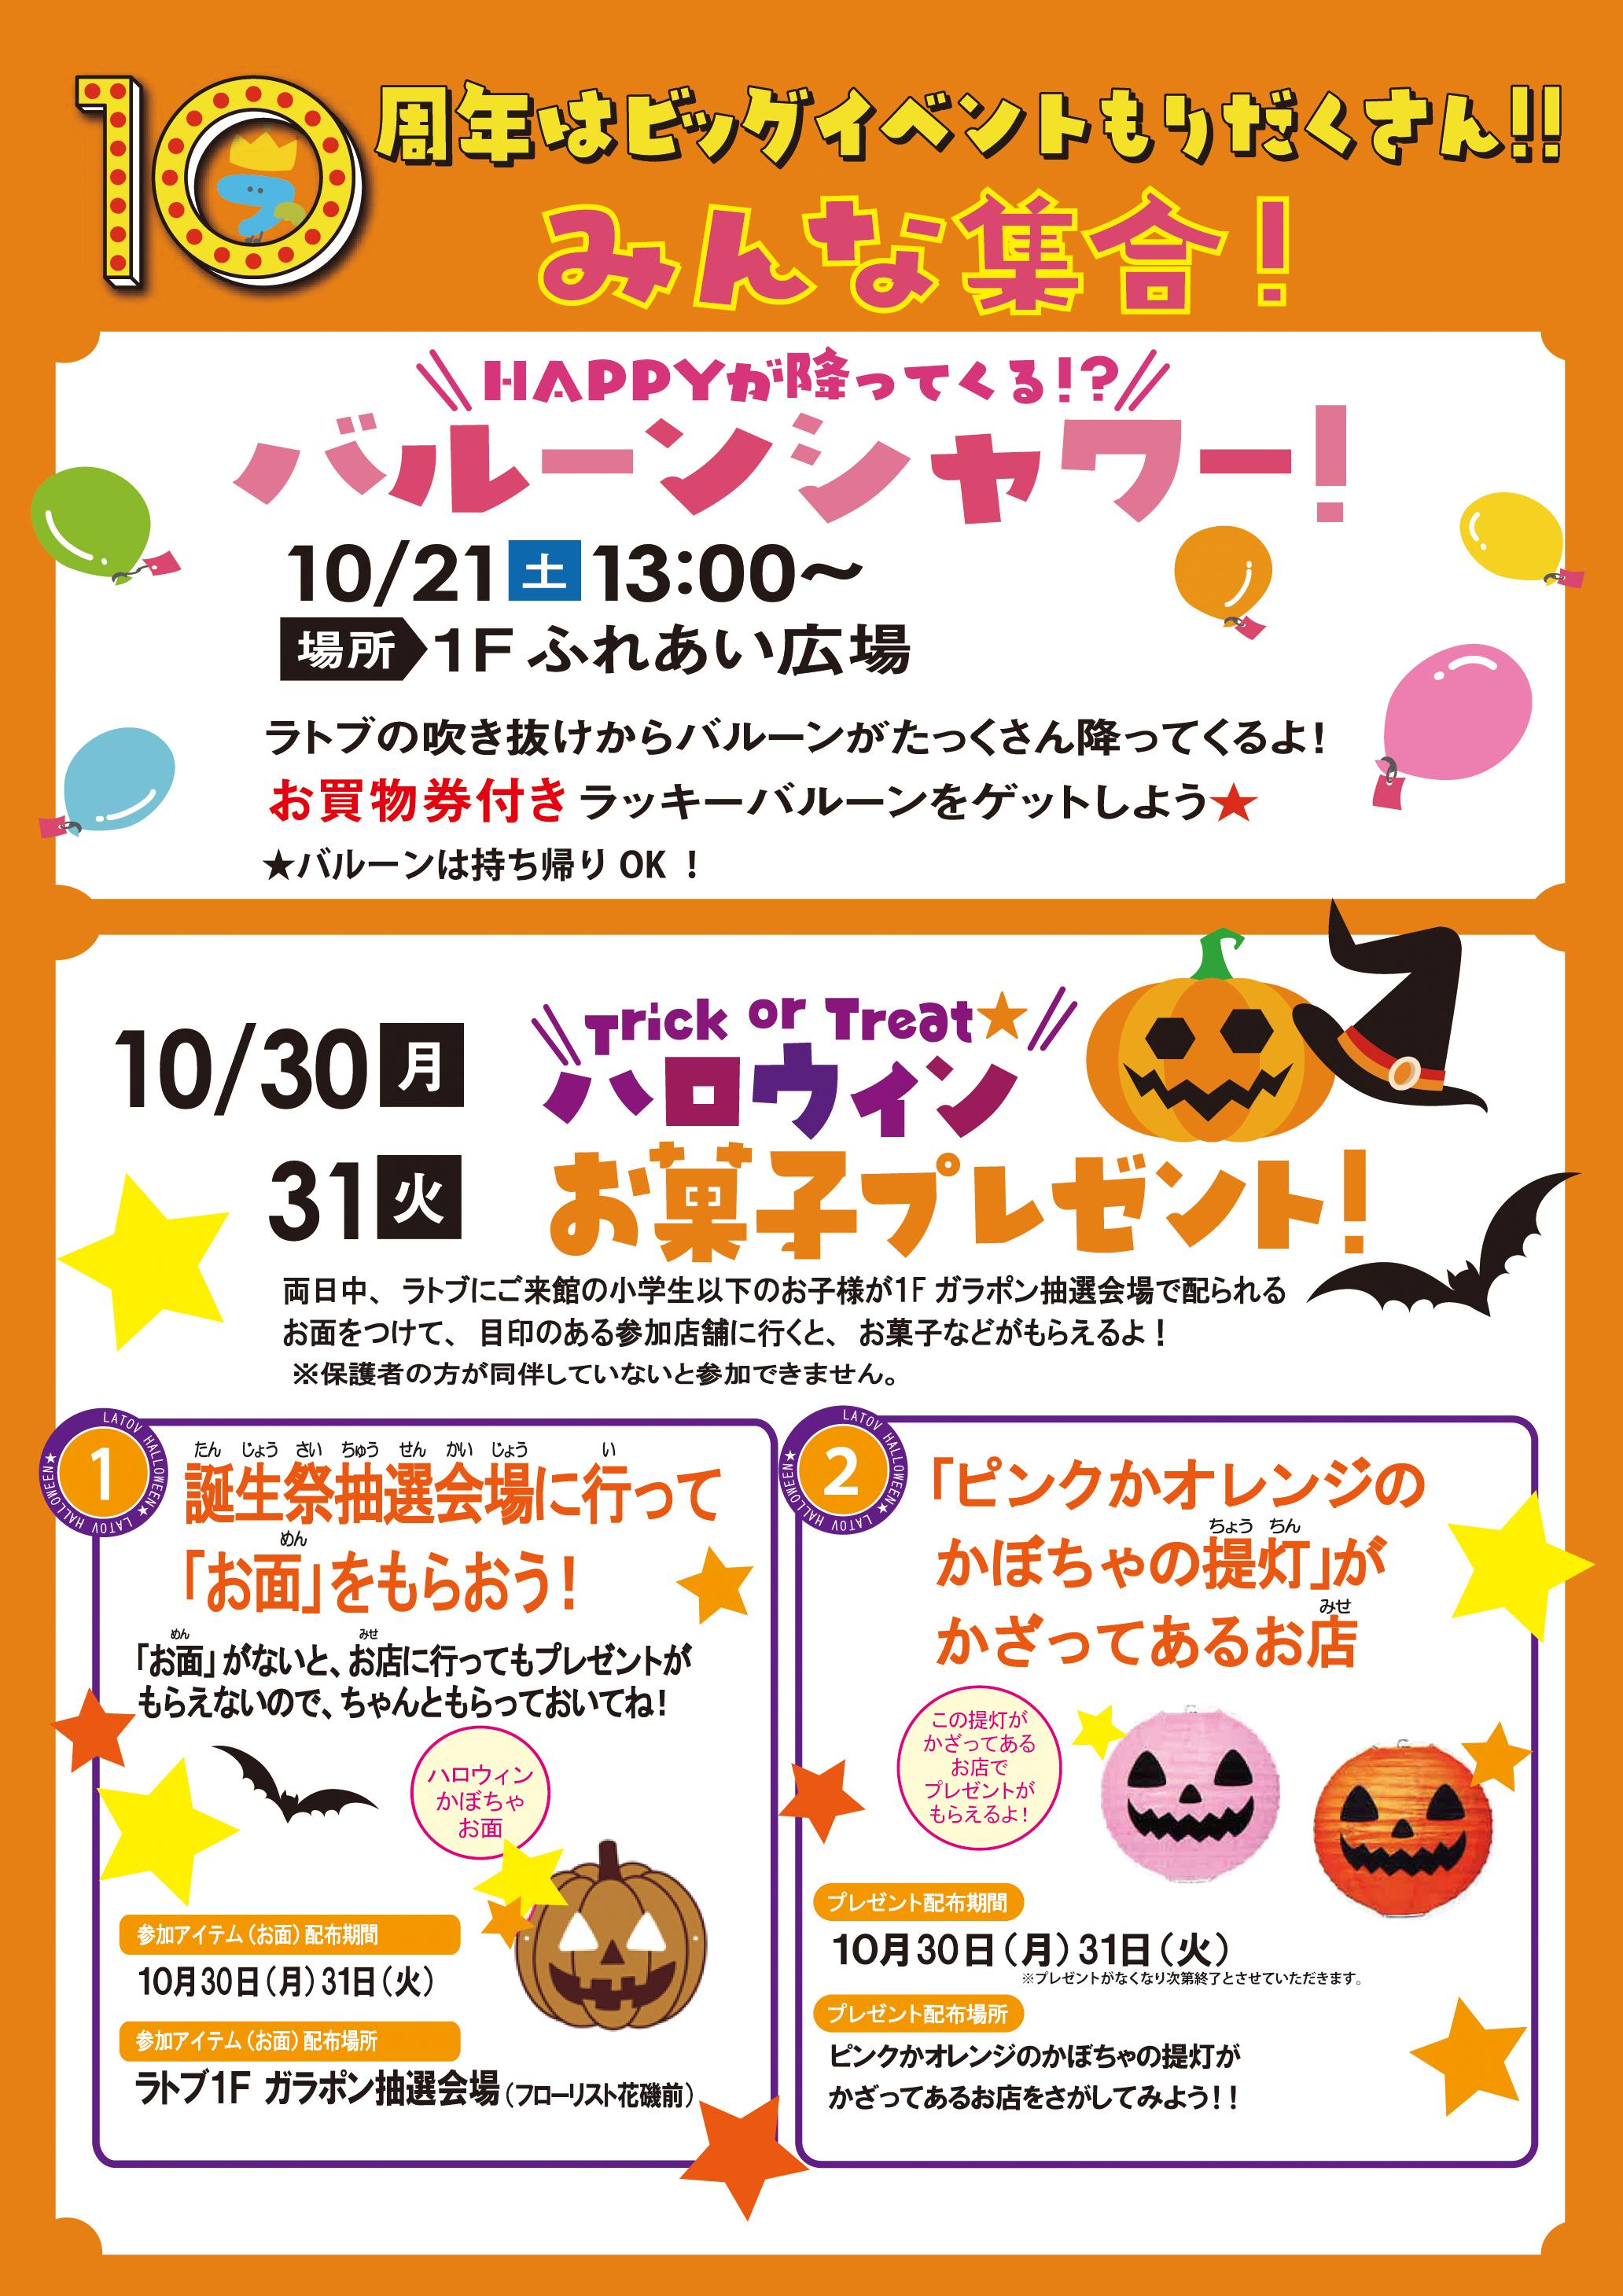 ★10周年誕生祭イベント情報★